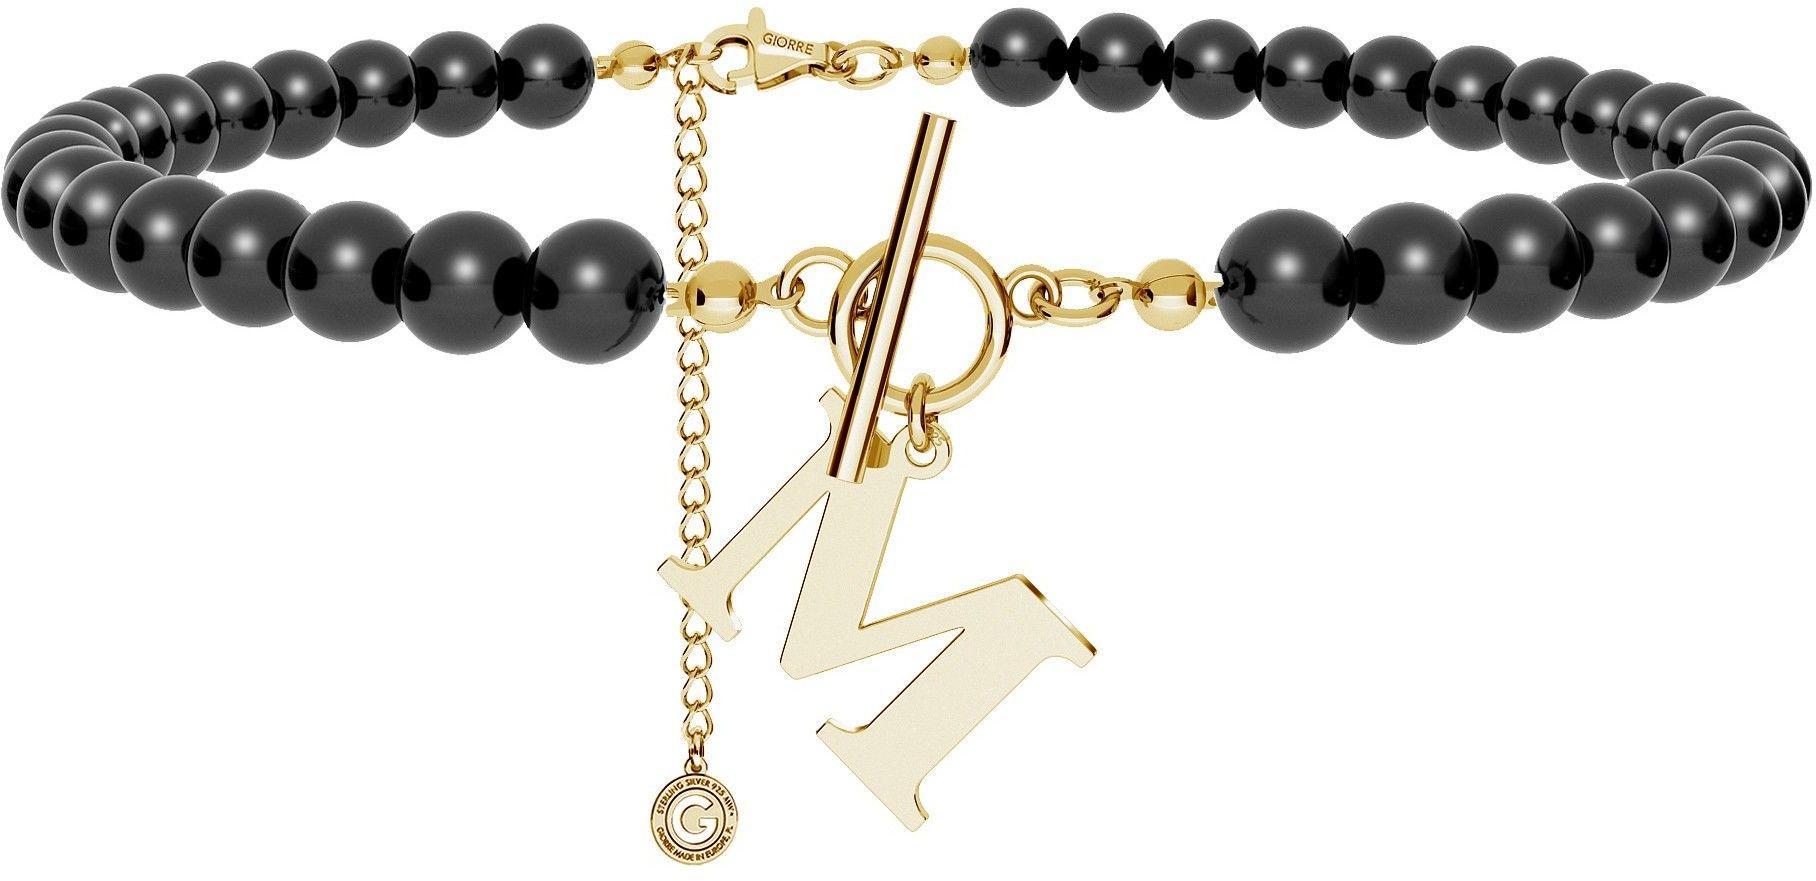 Czarny perłowy choker z dowolną literą, Swarovski, srebro 925 : Litera - E, Srebro - kolor pokrycia - Pokrycie platyną